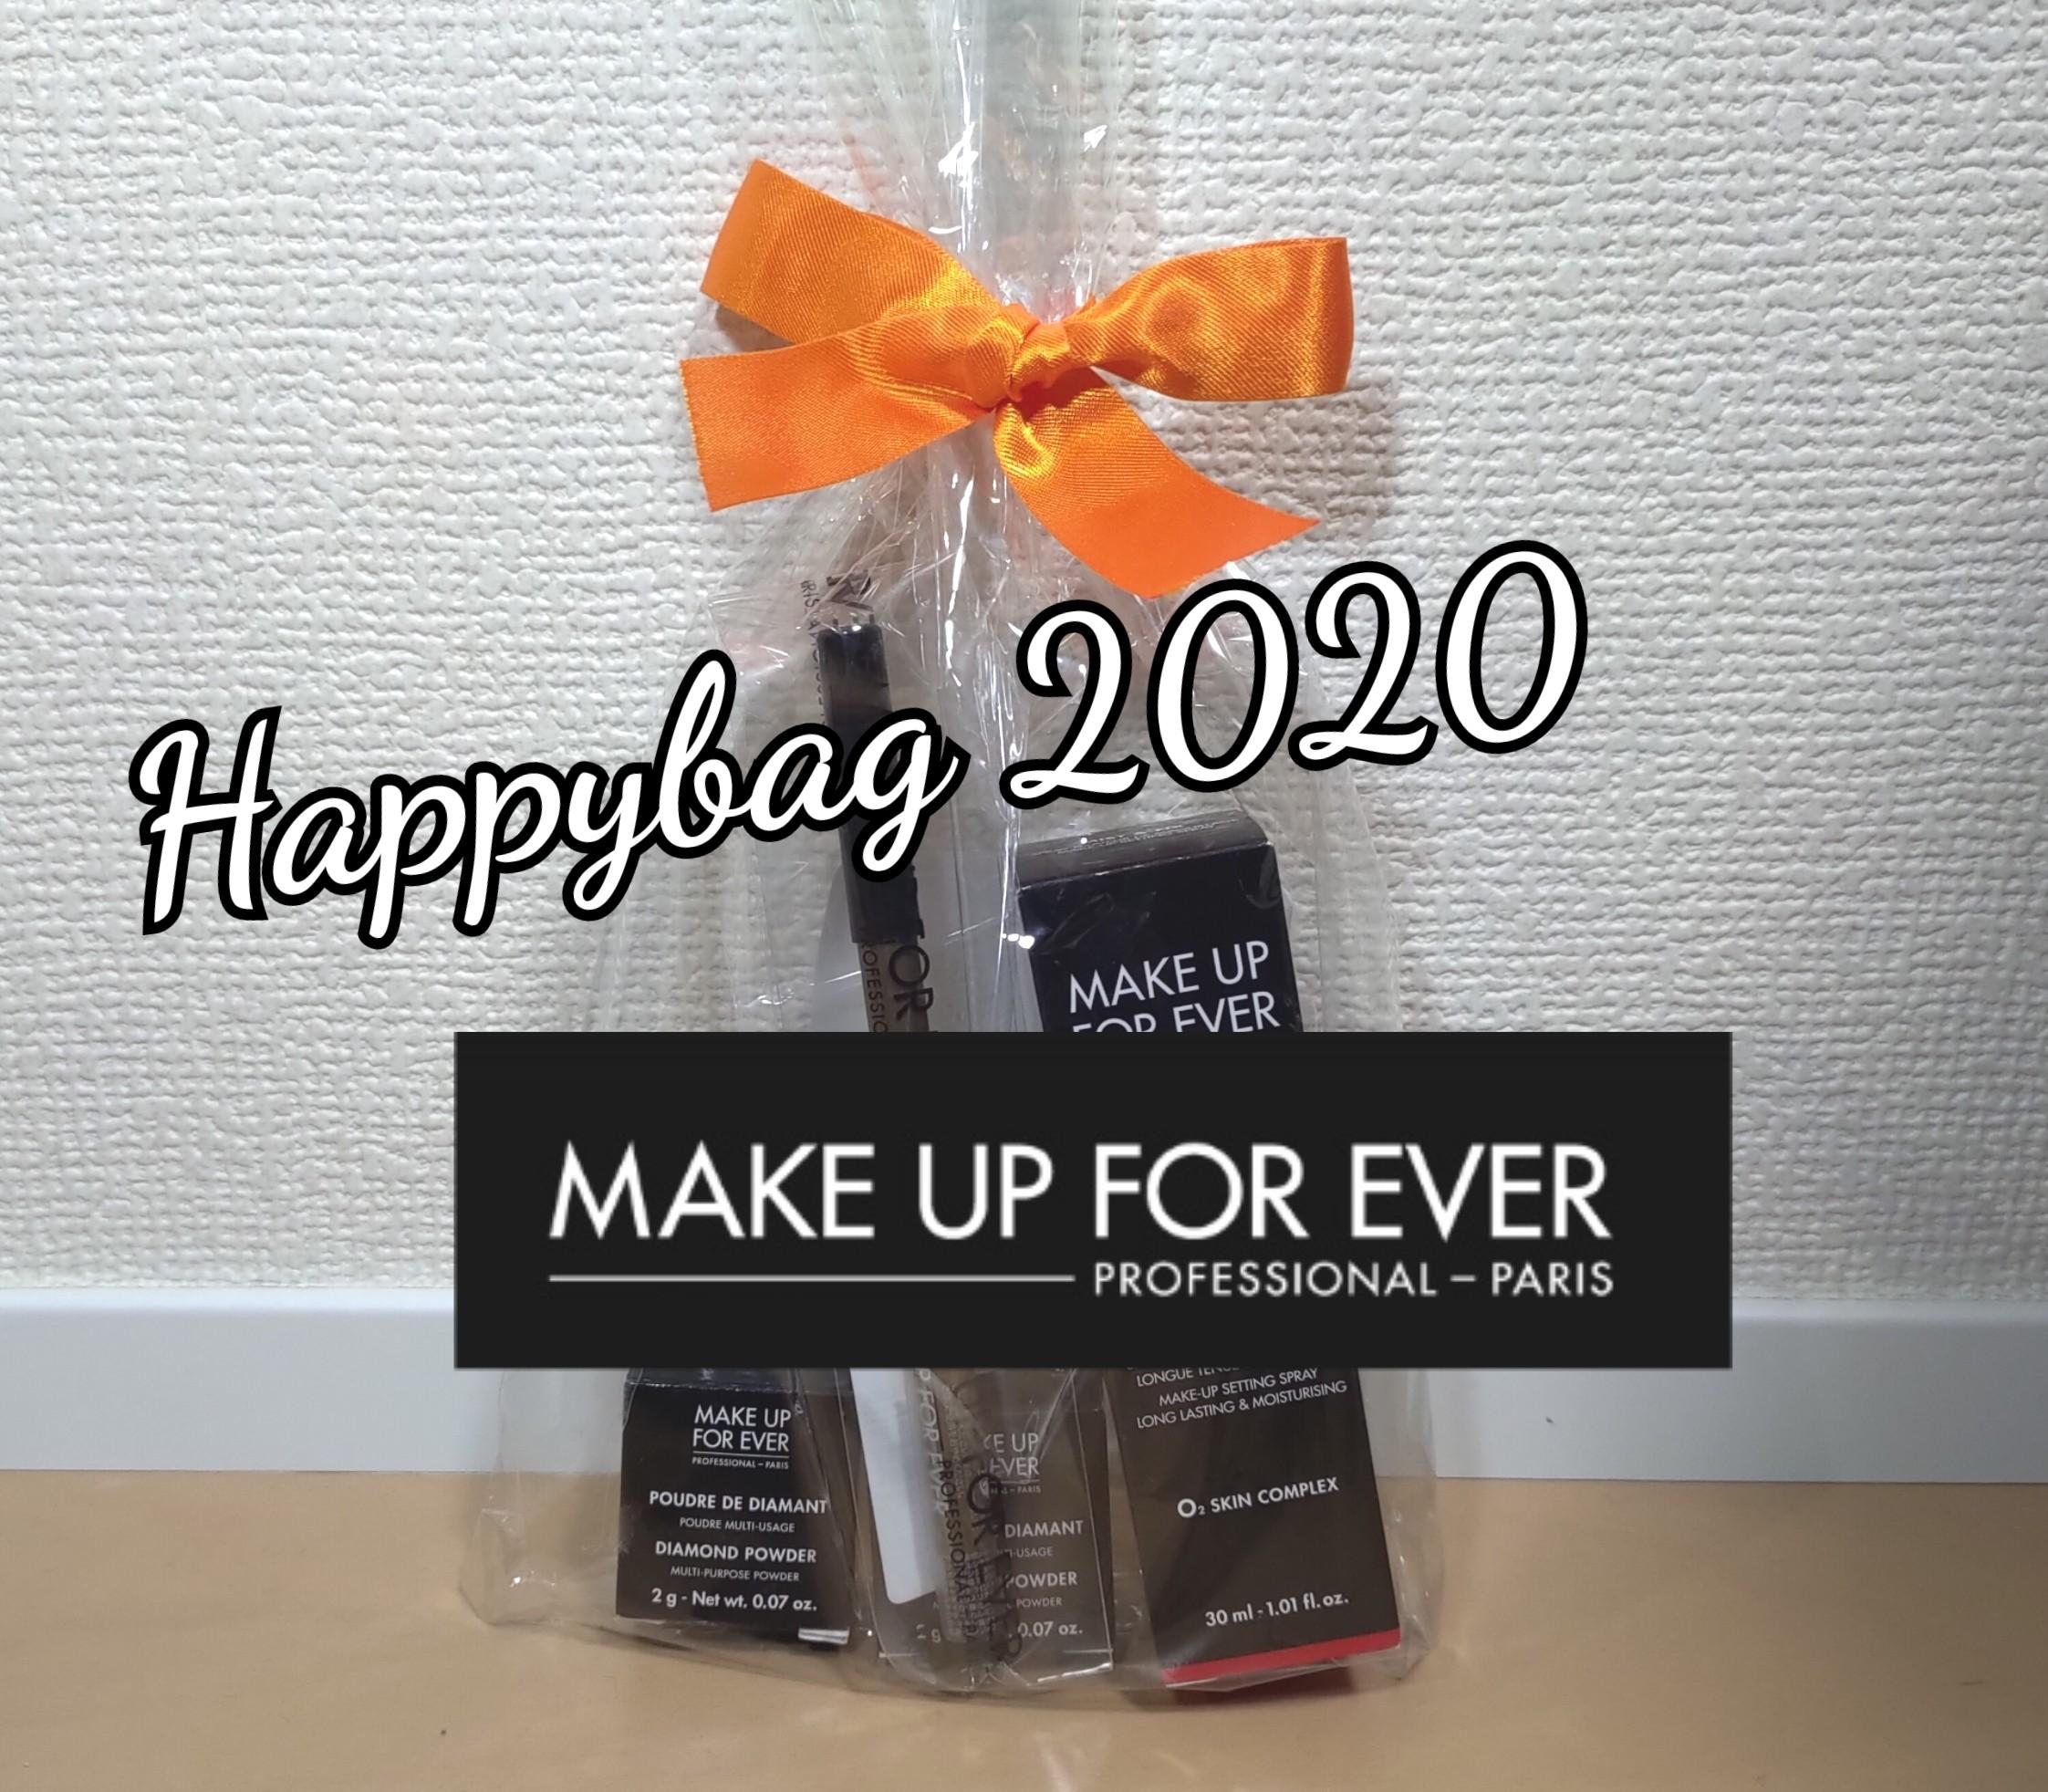 メイクアッブフォーエバー福袋2020の中身!【MUFE】MAKE UP FOR EVER